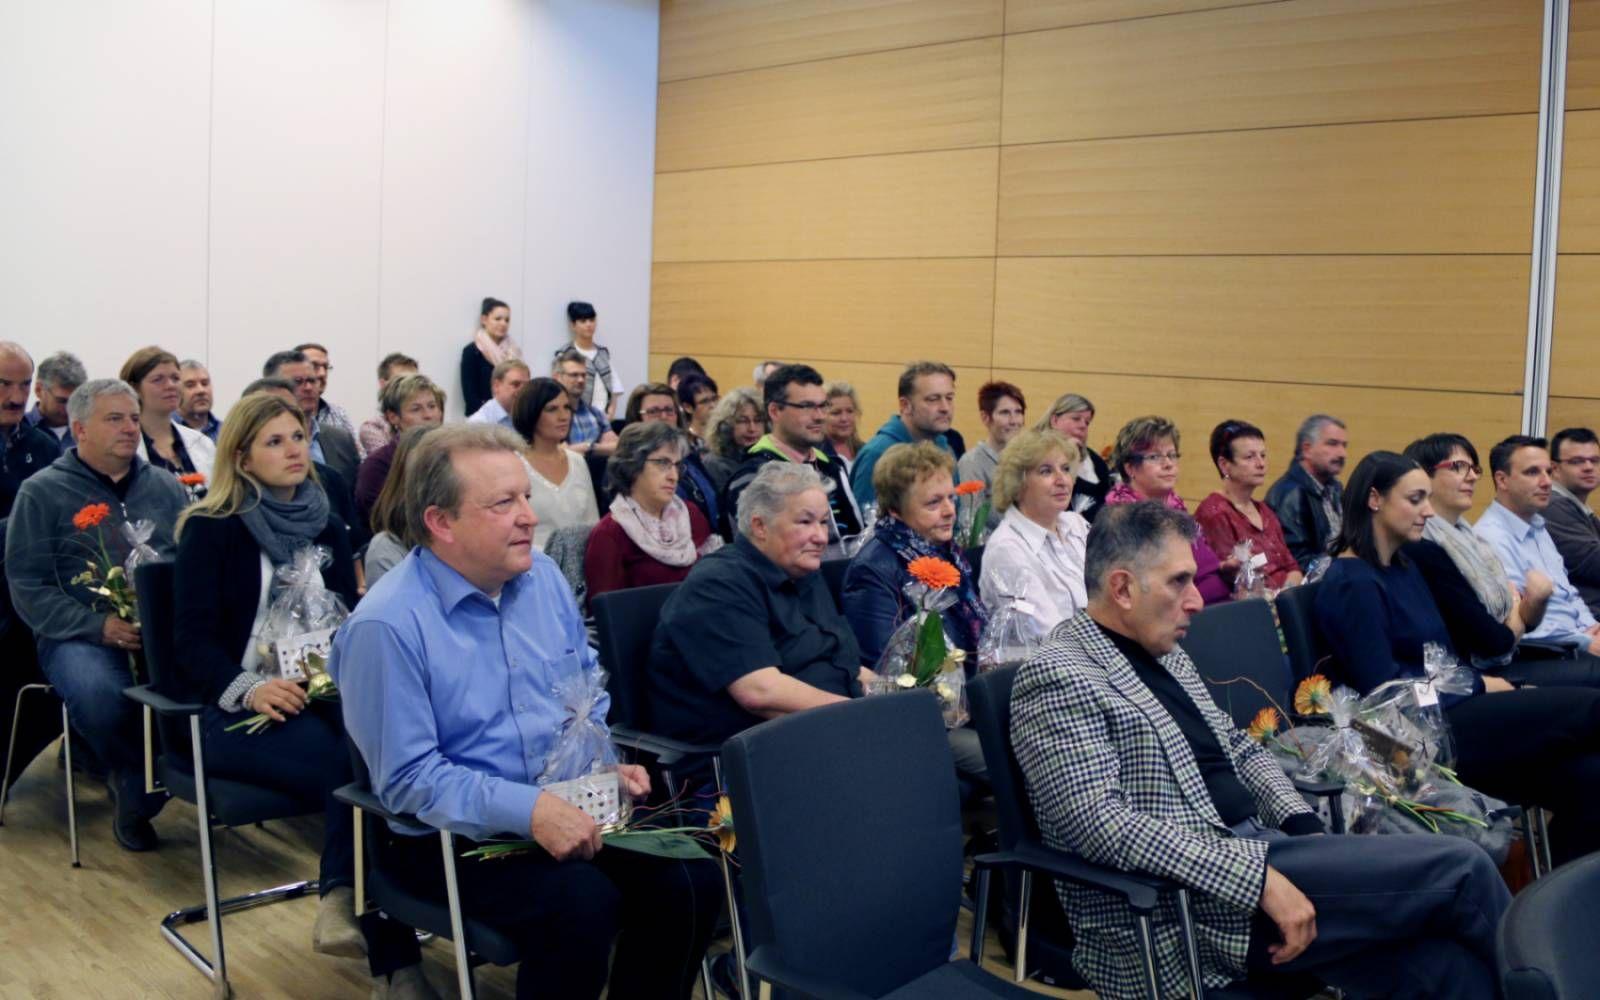 In einer Feier dankte der Vorstand der Testo AG seinen langjährigen Mitarbeitern.